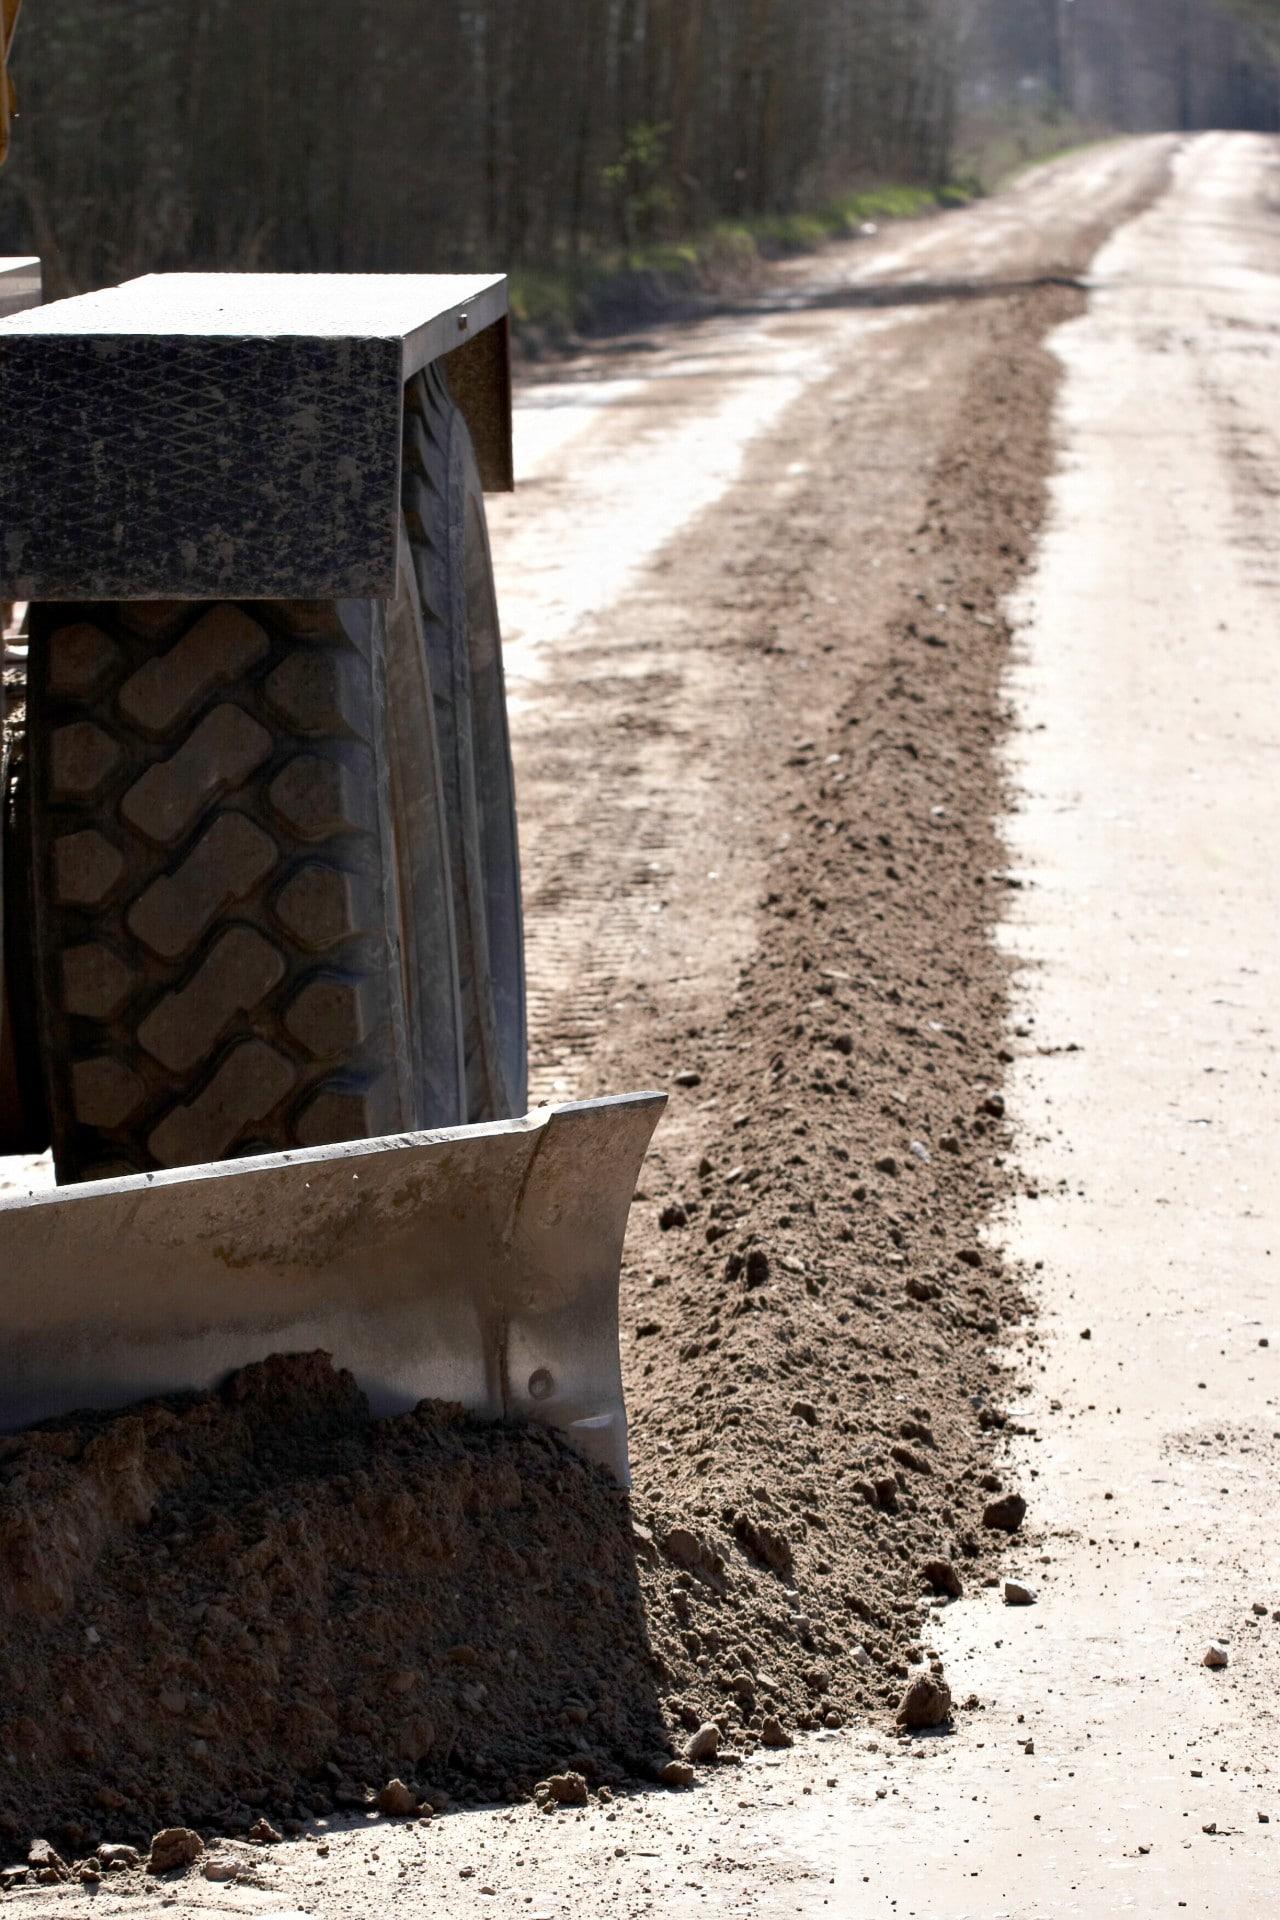 LAU veicis grants autoceļu greiderēšanu vairāk nekā 31 000 km garumā